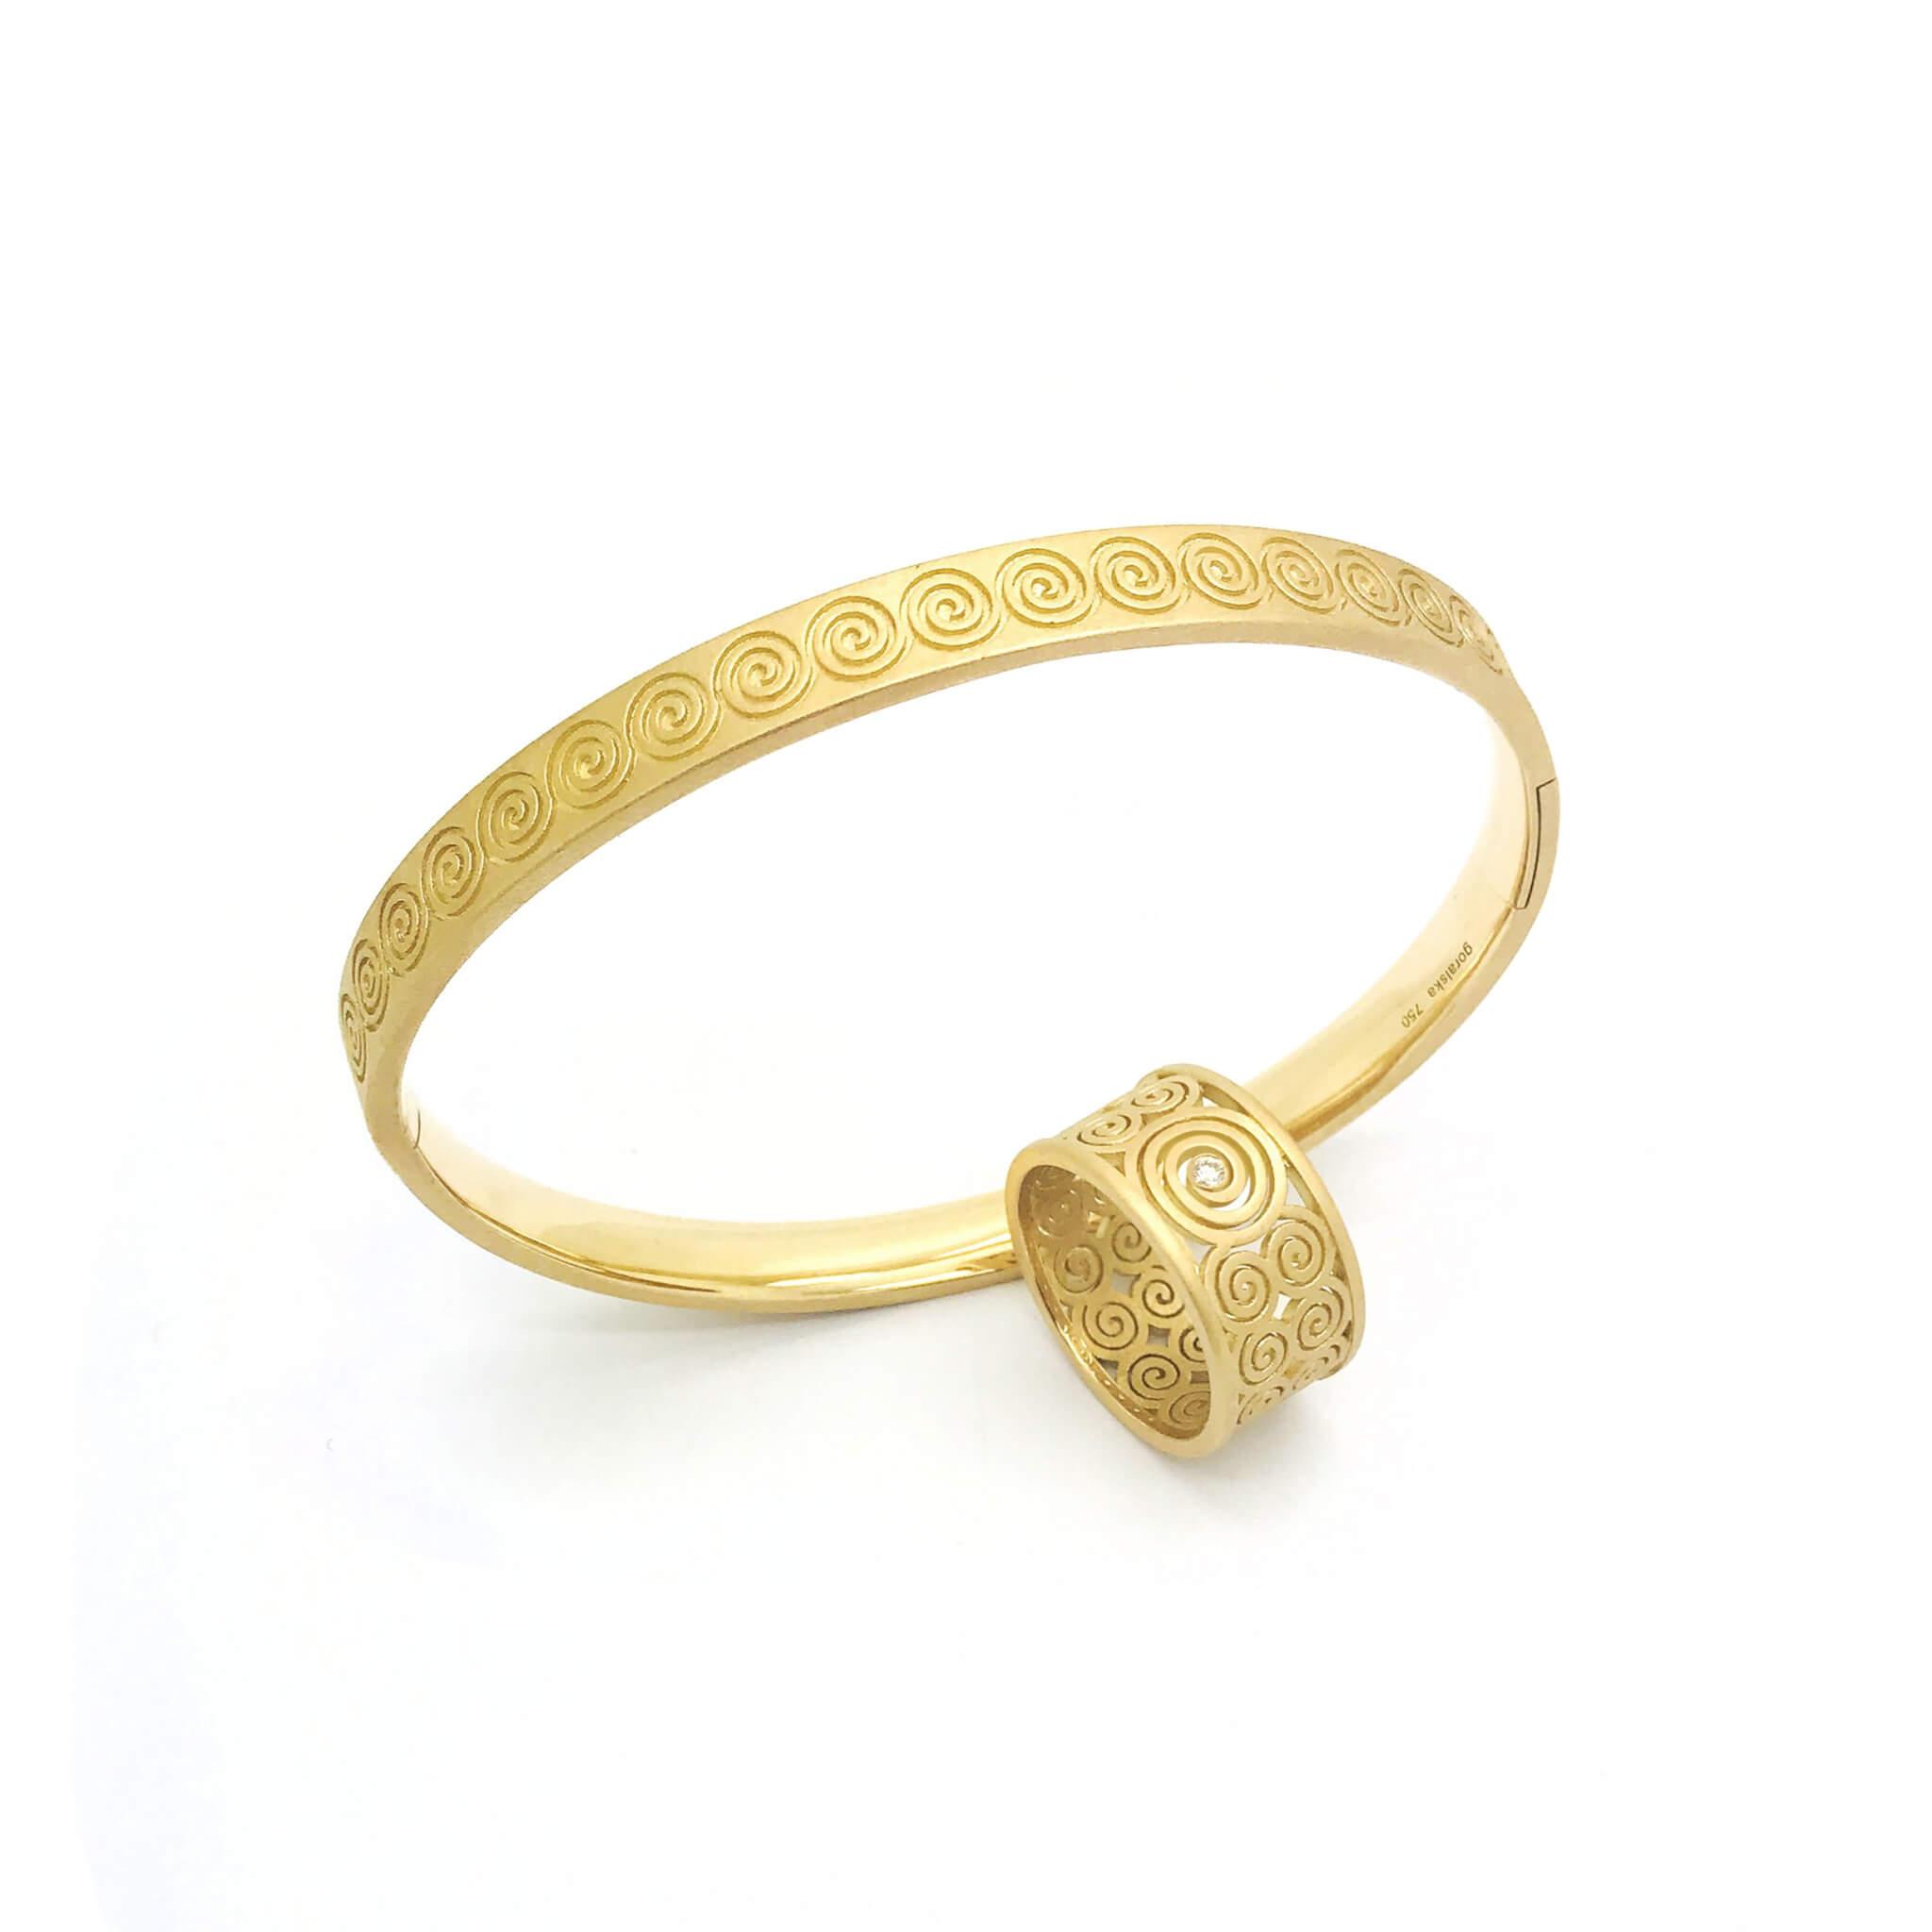 Spirale bague et bracelet or